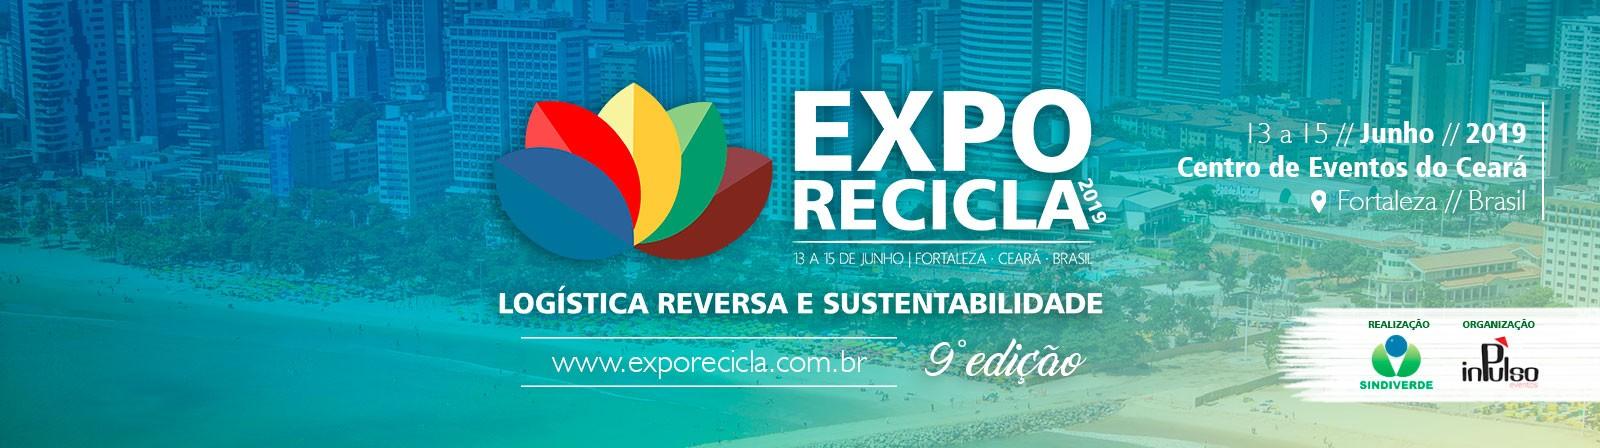 inpulso-eventos_exporecicla